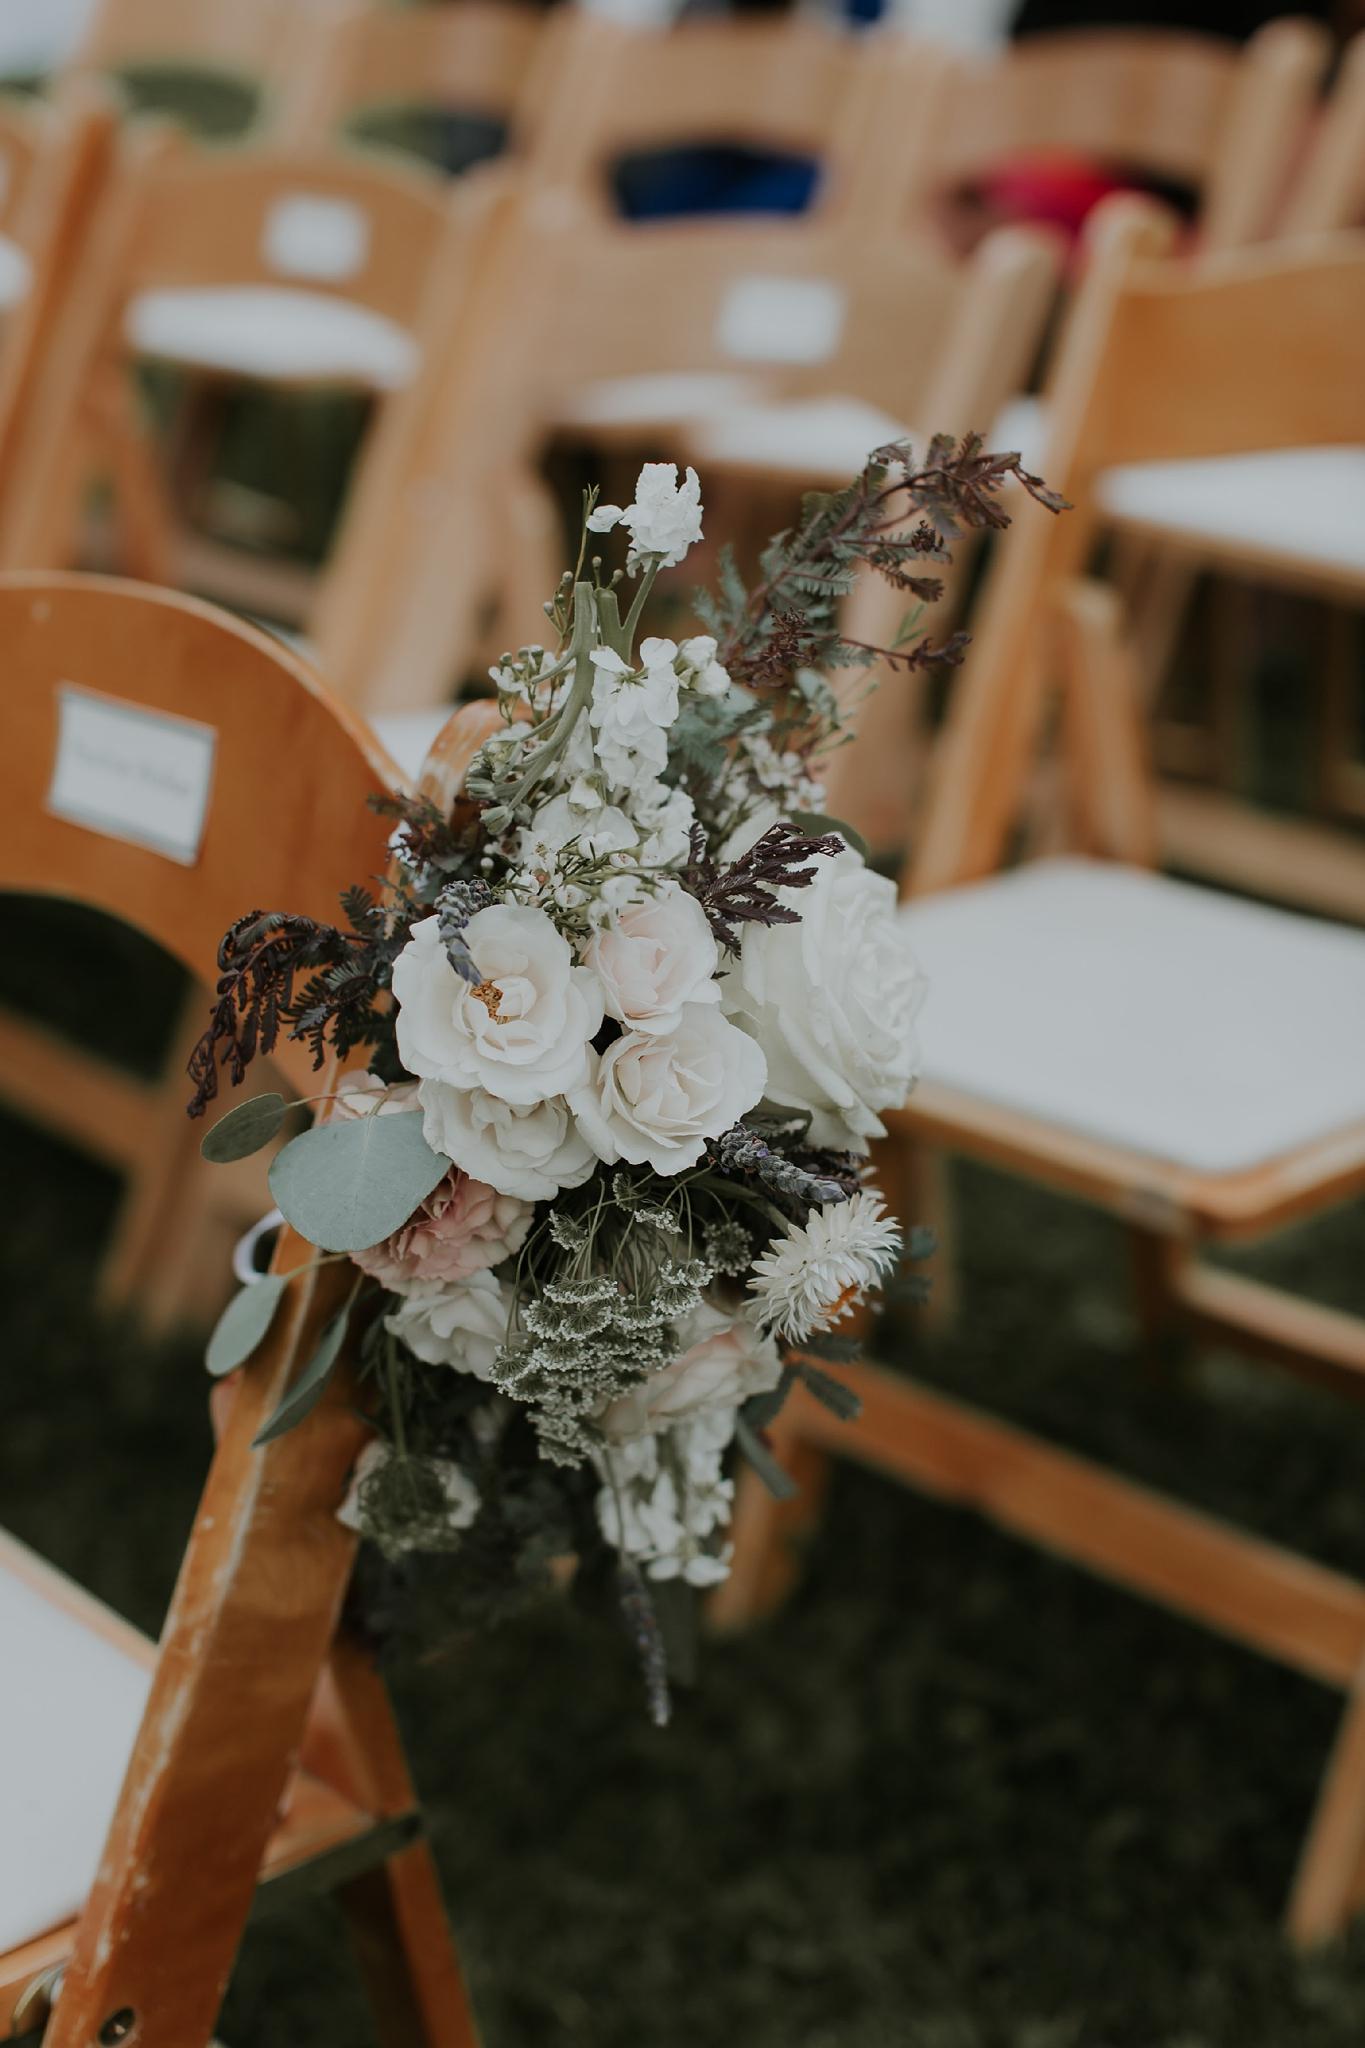 Alicia+lucia+photography+-+albuquerque+wedding+photographer+-+santa+fe+wedding+photography+-+new+mexico+wedding+photographer+-+new+mexico+florist+-+wedding+florist+-+renegade+floral_0076.jpg